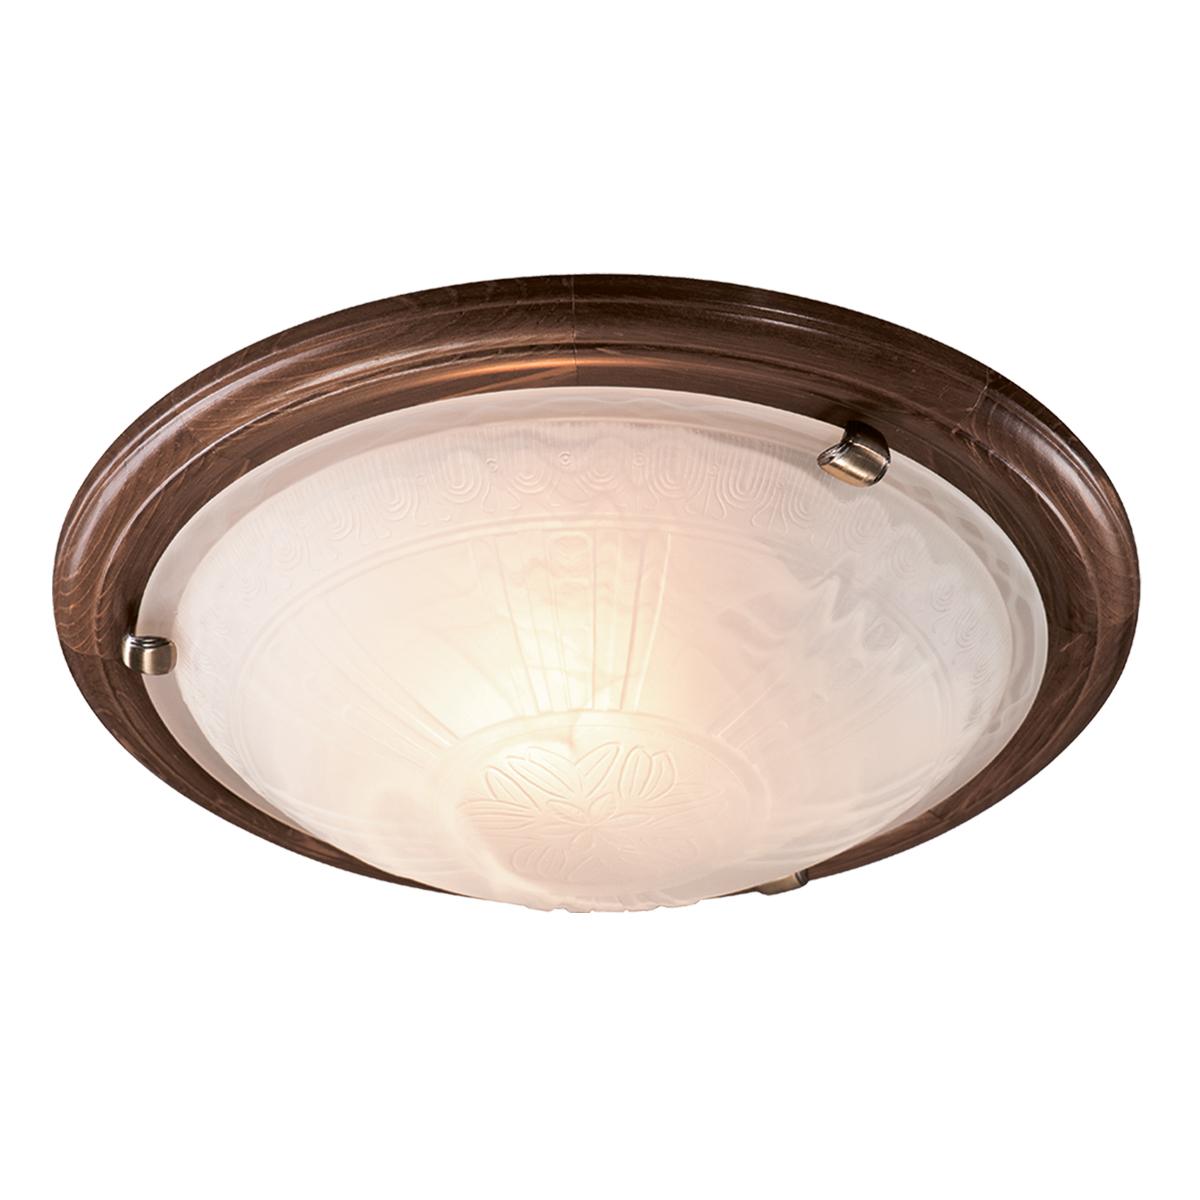 Потолочный светильник Sonex Lufe Wood 136/K - фото 1